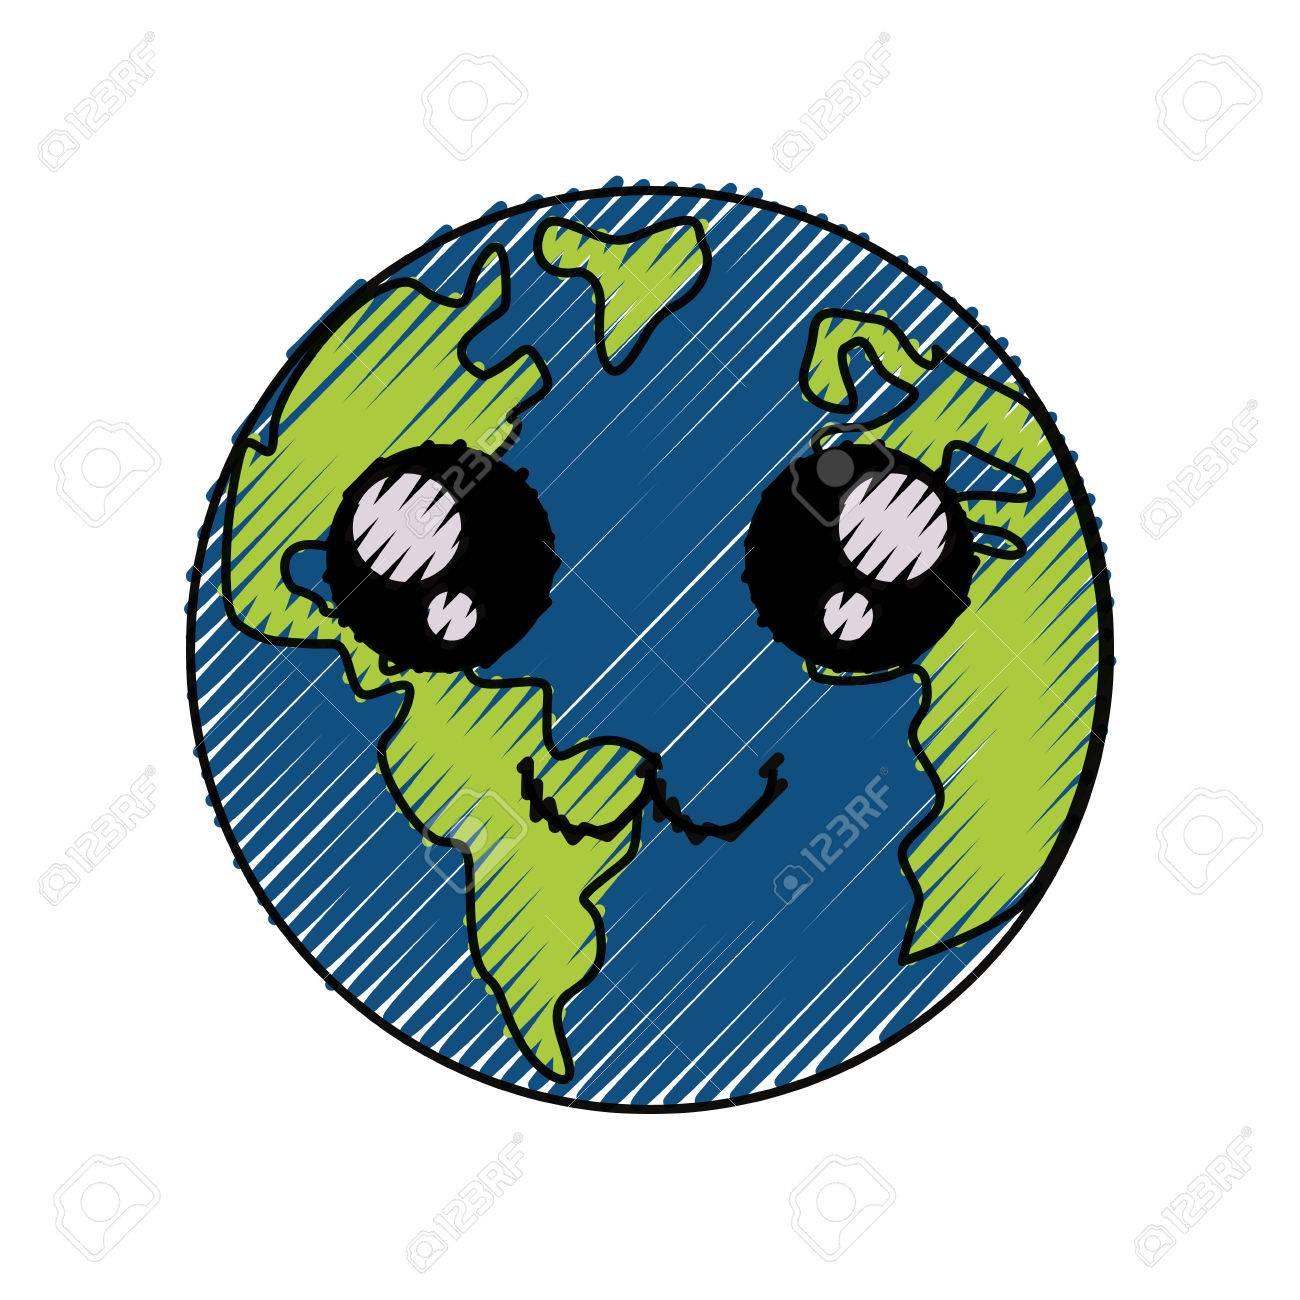 Planeta Tierra Icono De Dibujos Animados Ilustración Vectorial Diseño Gráfico